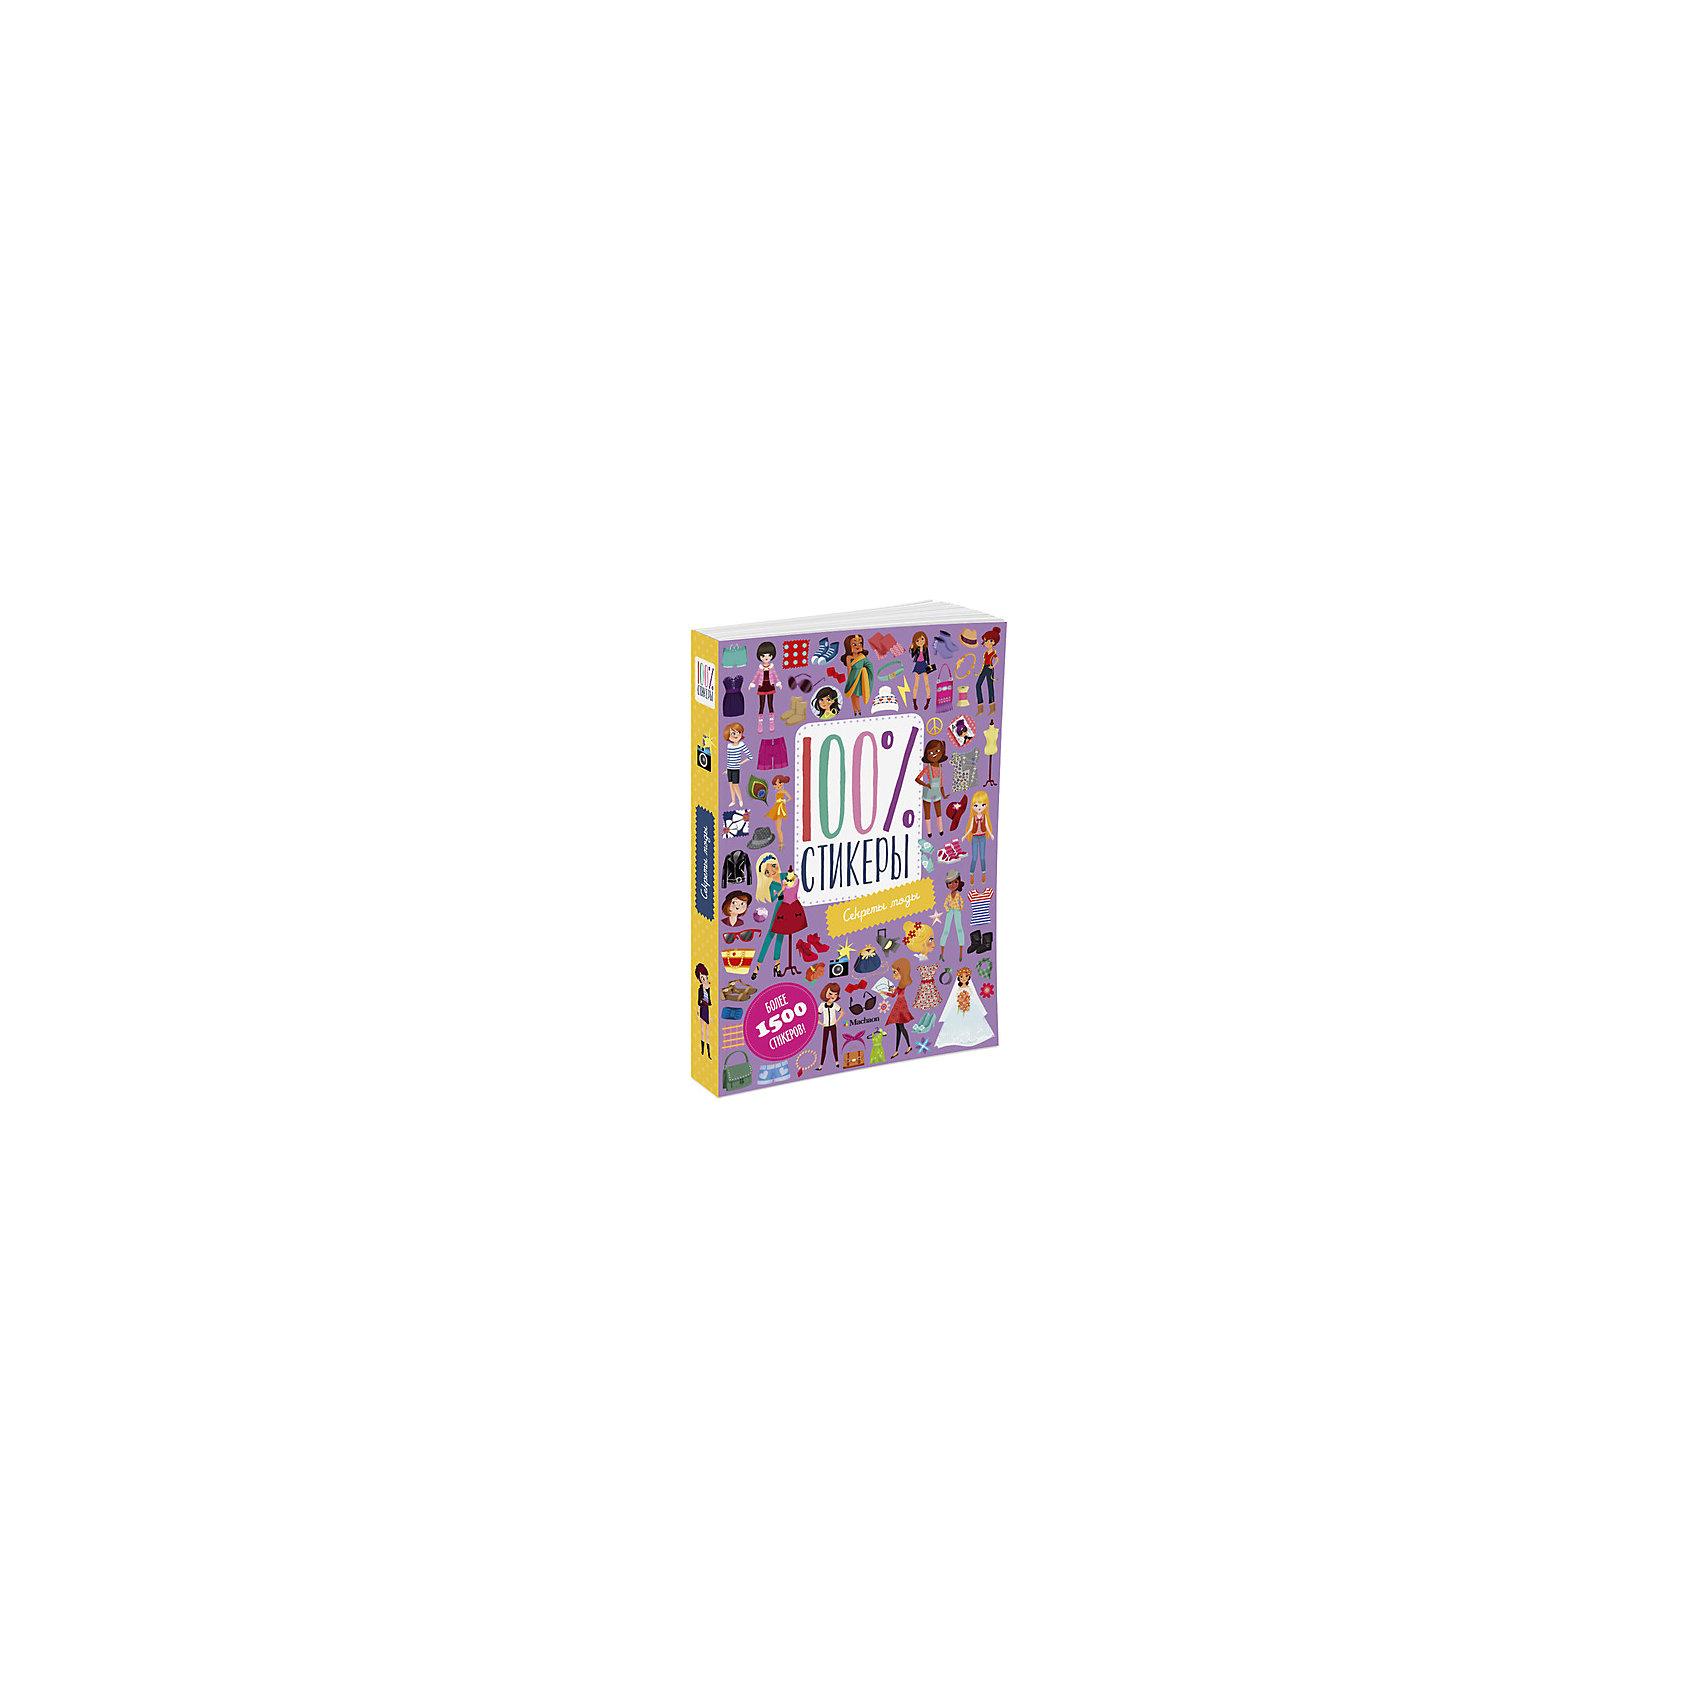 Книжка с наклейками Секреты модыМахаон<br>Книжка с наклейками Секреты моды.<br><br>Характеристики:<br><br>• Иллюстраторы: Дероди Клементин, Женевьев ФТ, Онг Дафнэ<br>• Издательство: Махаон, Aзбука-Аттикус, 2016 год<br>• Серия: 100% стикеры<br>• Тип обложки: мягкий переплет (крепление скрепкой или клеем)<br>• Более 1500 стикеров<br>• Иллюстрации: цветные<br>• Количество страниц: 172<br>• Размер: 170х115х17 мм.<br>• Вес: 343 гр.<br>• ISBN: 9785389110908<br><br>Более 1500 наклеек для юных модниц! Наряды на все случаи жизни: вечеринки, свадьбы, путешествия и многое другое! 48 моделей! Наряжай их по своему вкусу и создавай незабываемые образы!<br><br>Книжку с наклейками Секреты моды можно купить в нашем интернет-магазине.<br><br>Ширина мм: 170<br>Глубина мм: 115<br>Высота мм: 170<br>Вес г: 343<br>Возраст от месяцев: 84<br>Возраст до месяцев: 120<br>Пол: Женский<br>Возраст: Детский<br>SKU: 5493470